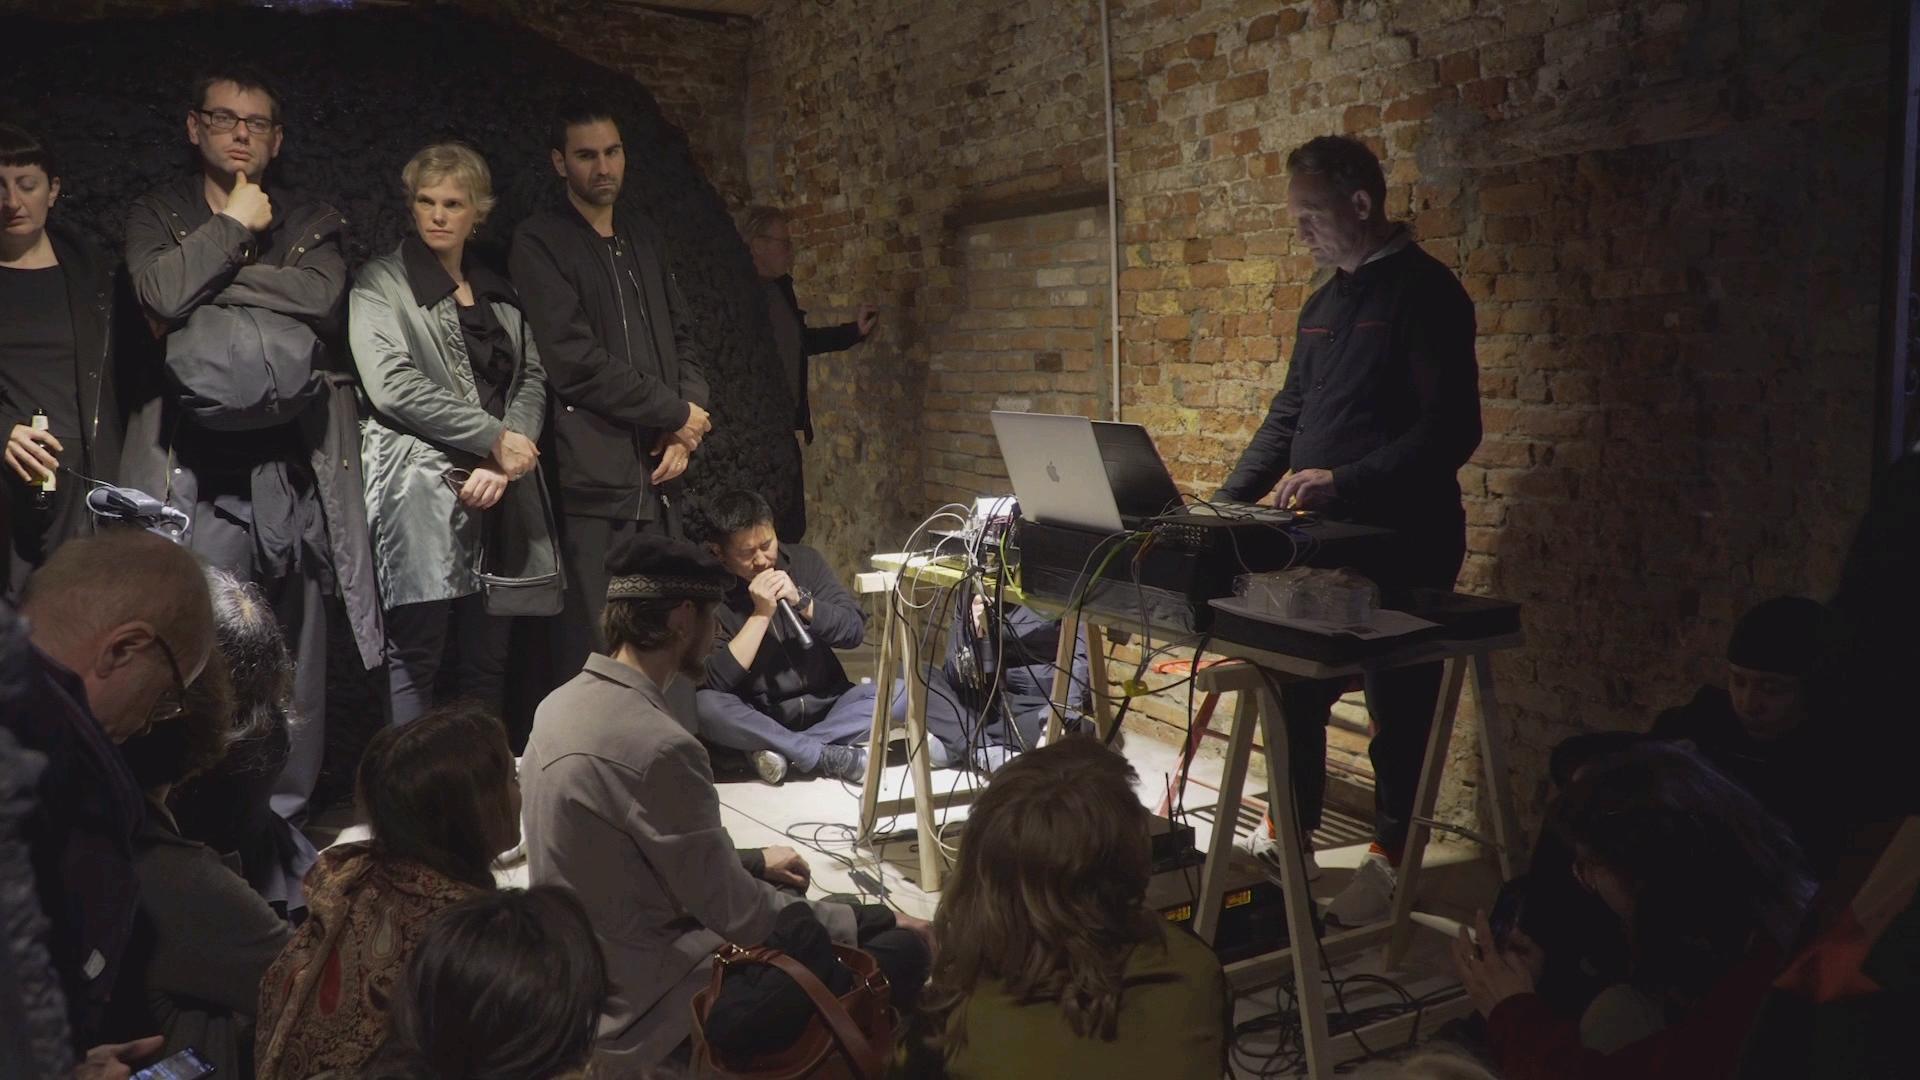 Монгол уран бүтээлчийн хөөмийг электрон хөгжимтэй хоршуулсан бүтээл Венецид шуугиан дэгдээж байна